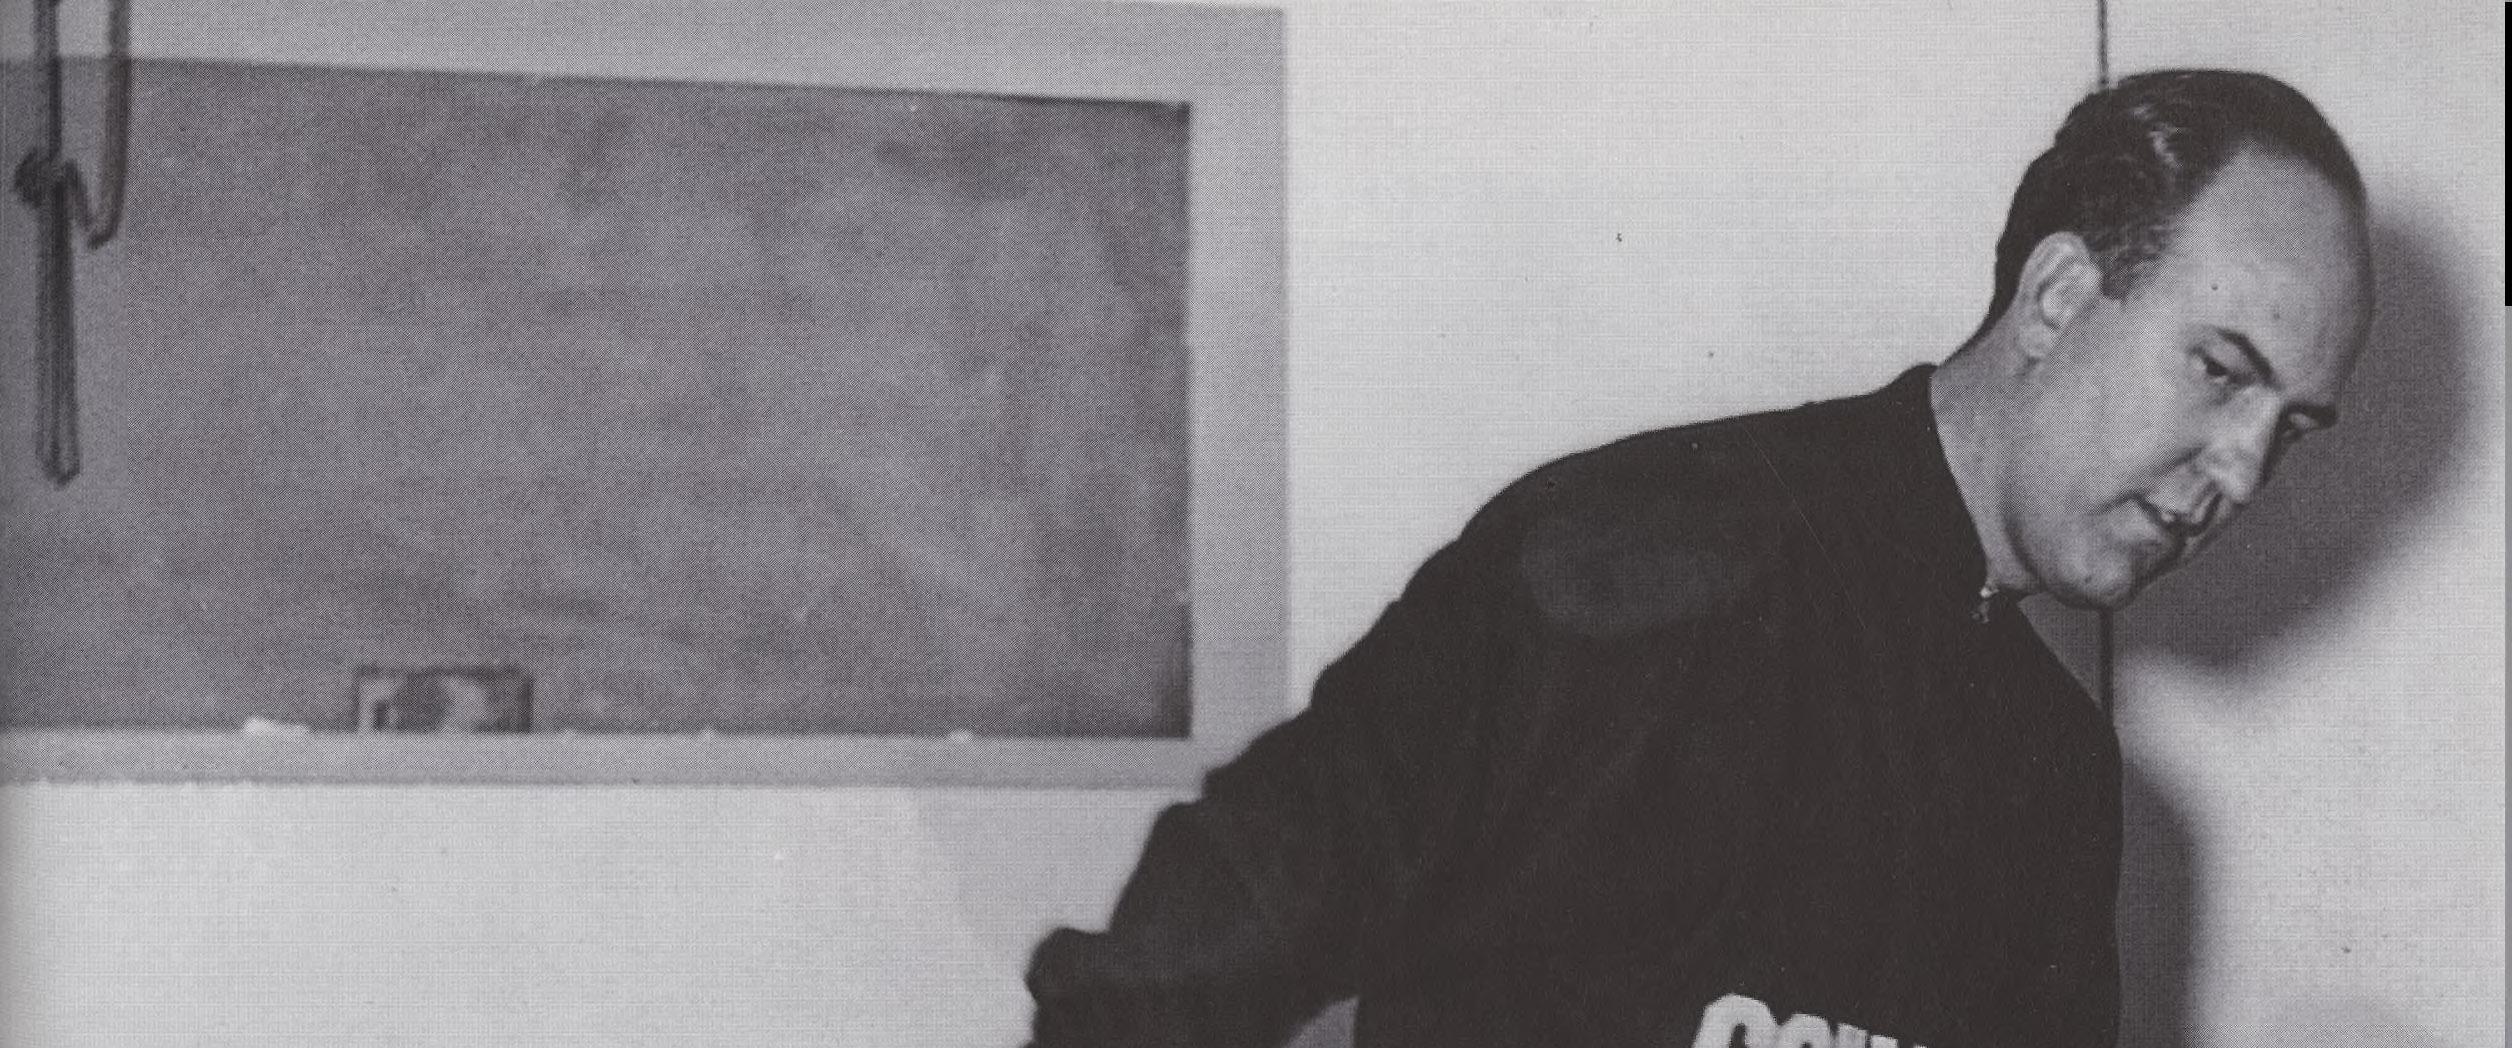 История Чака Тейлора, или человека, чьё имя носят самые популярные баскетбольные кроссовки